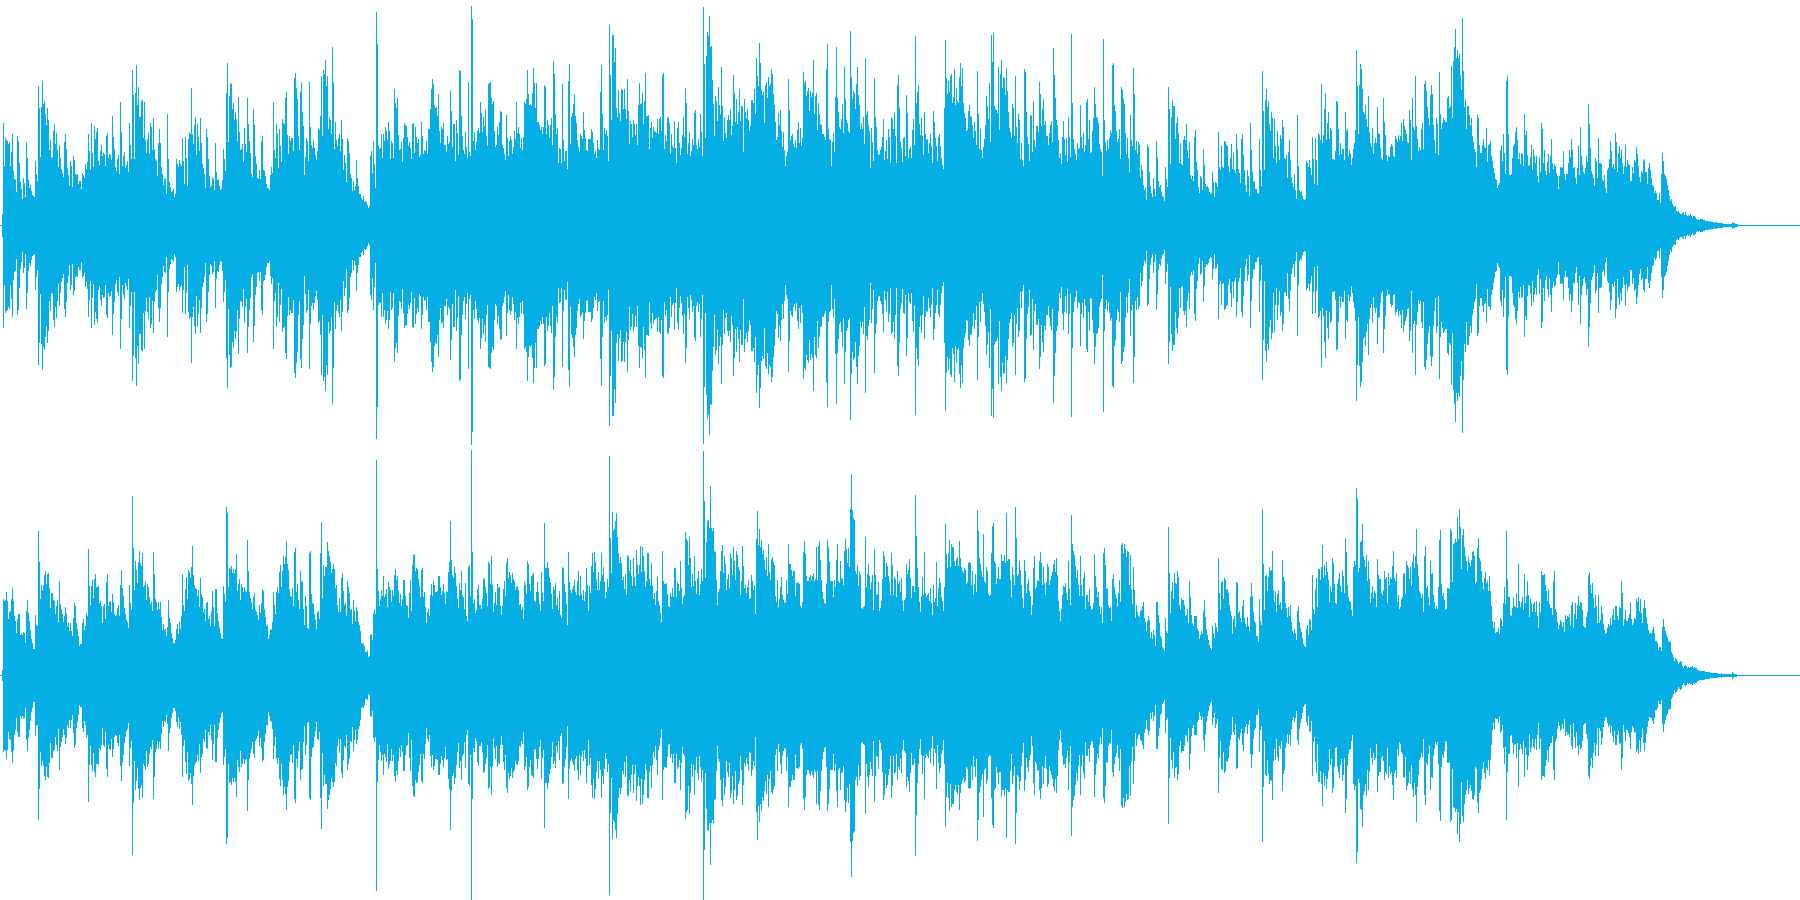 ピアノとストリングスの優しい曲04の再生済みの波形